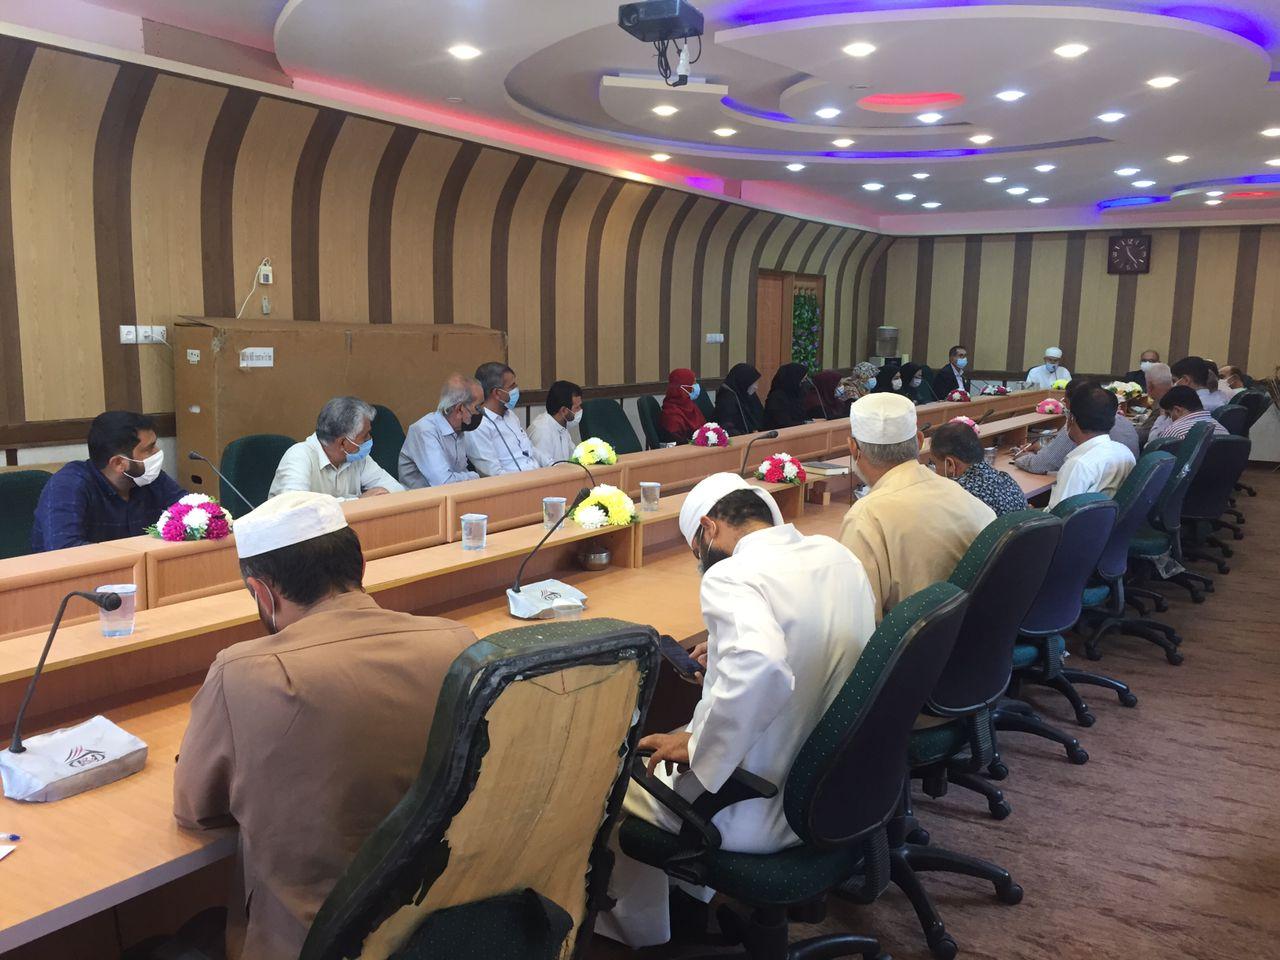 نشست در تالار مجتمع علوم دینی امام شافعی(رض) اوز برای نکوداشت آئین هفته وحدت